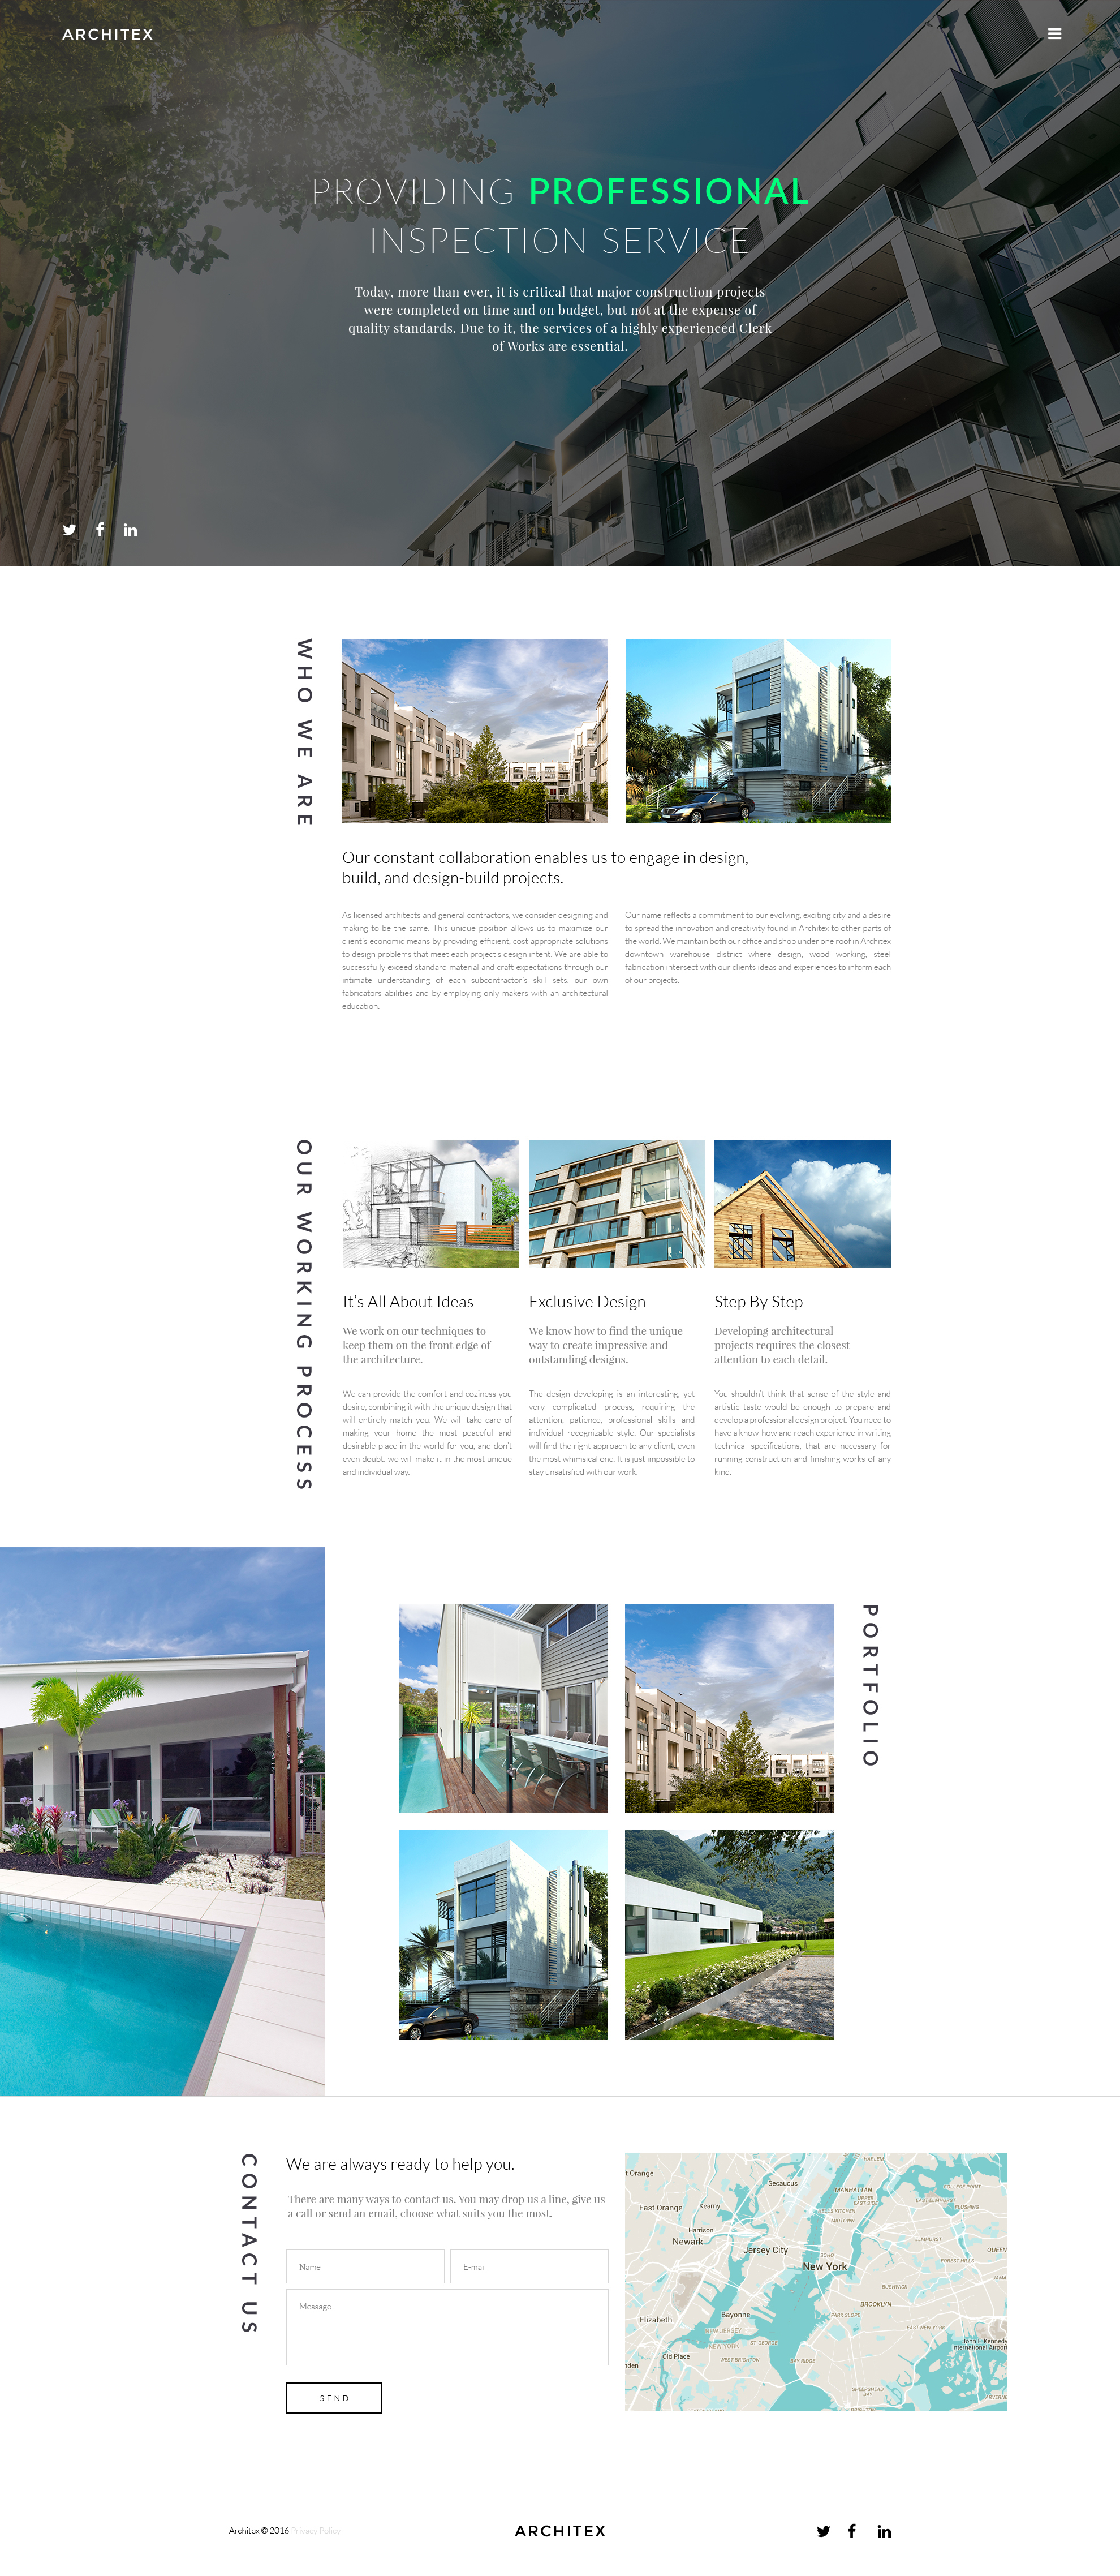 Plantilla Web Responsive para Sitio de Arquitectura #58371 - captura de pantalla